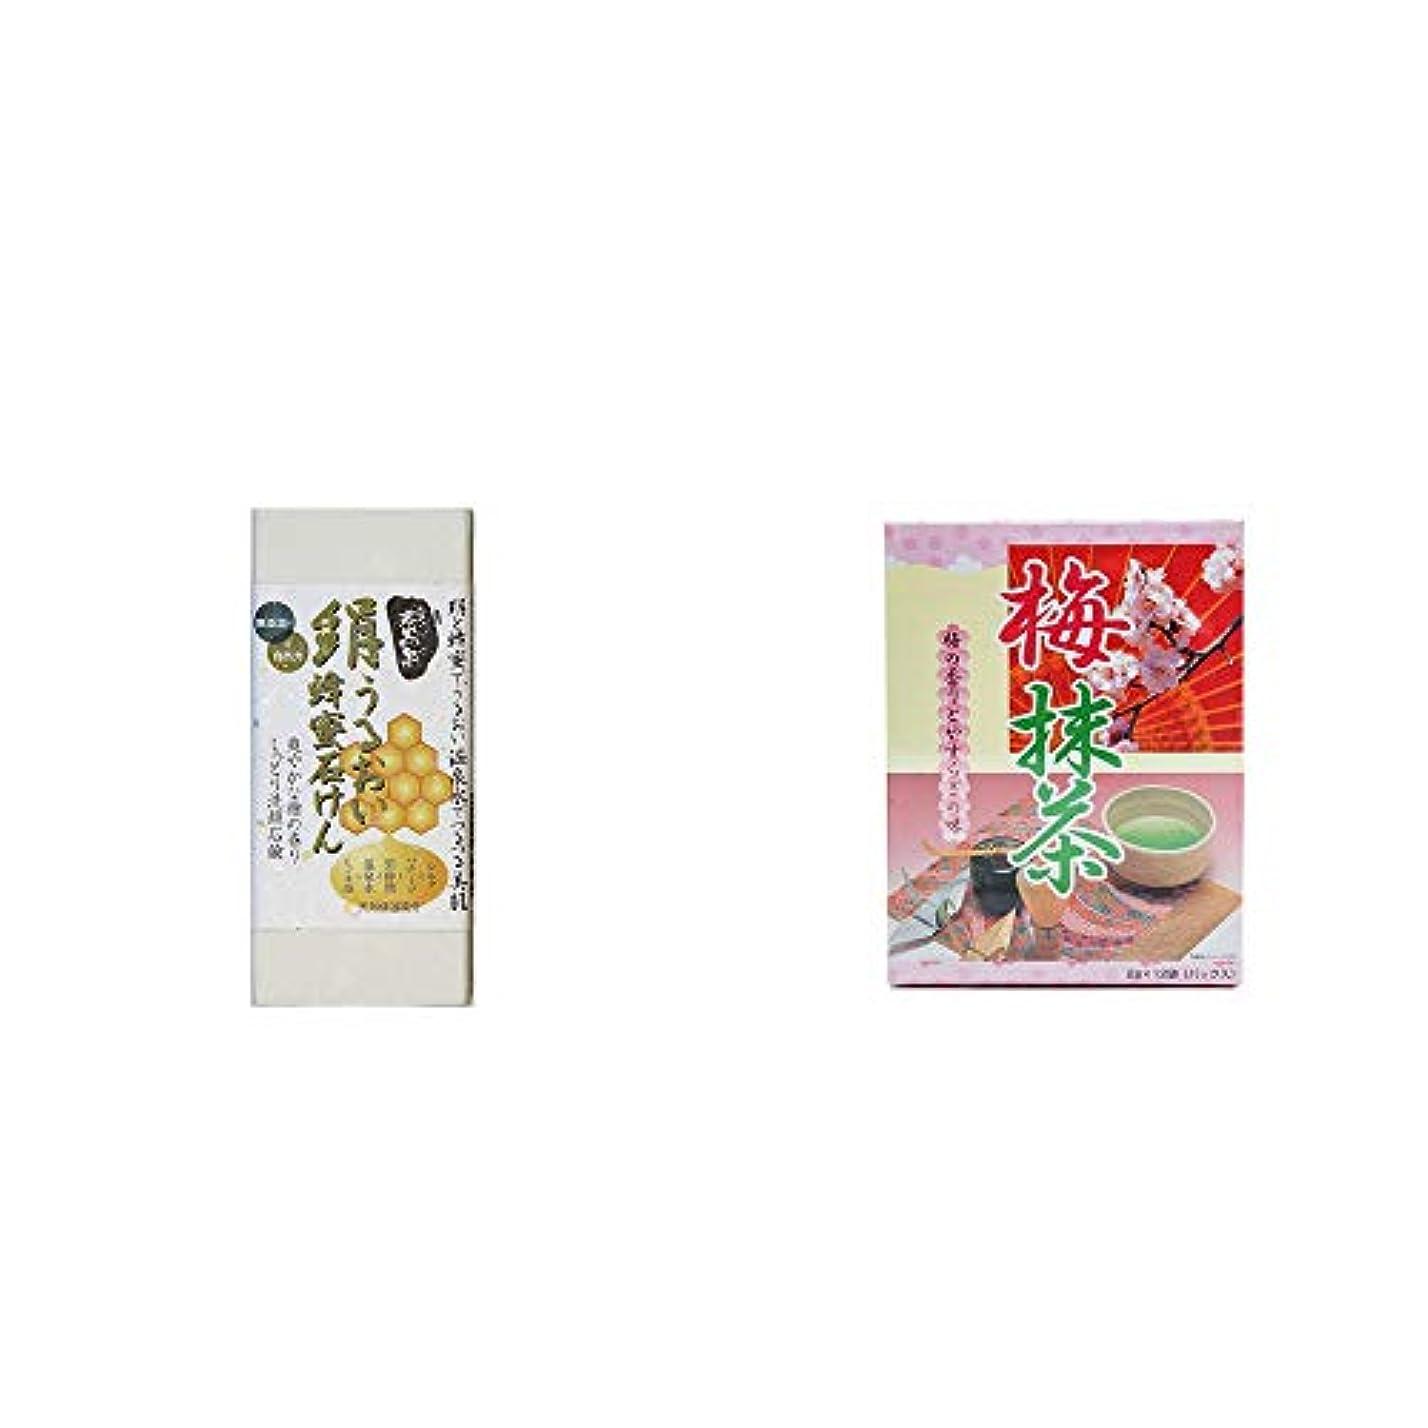 壊滅的な傾斜付ける[2点セット] ひのき炭黒泉 絹うるおい蜂蜜石けん(75g×2)?梅抹茶[小](12袋)